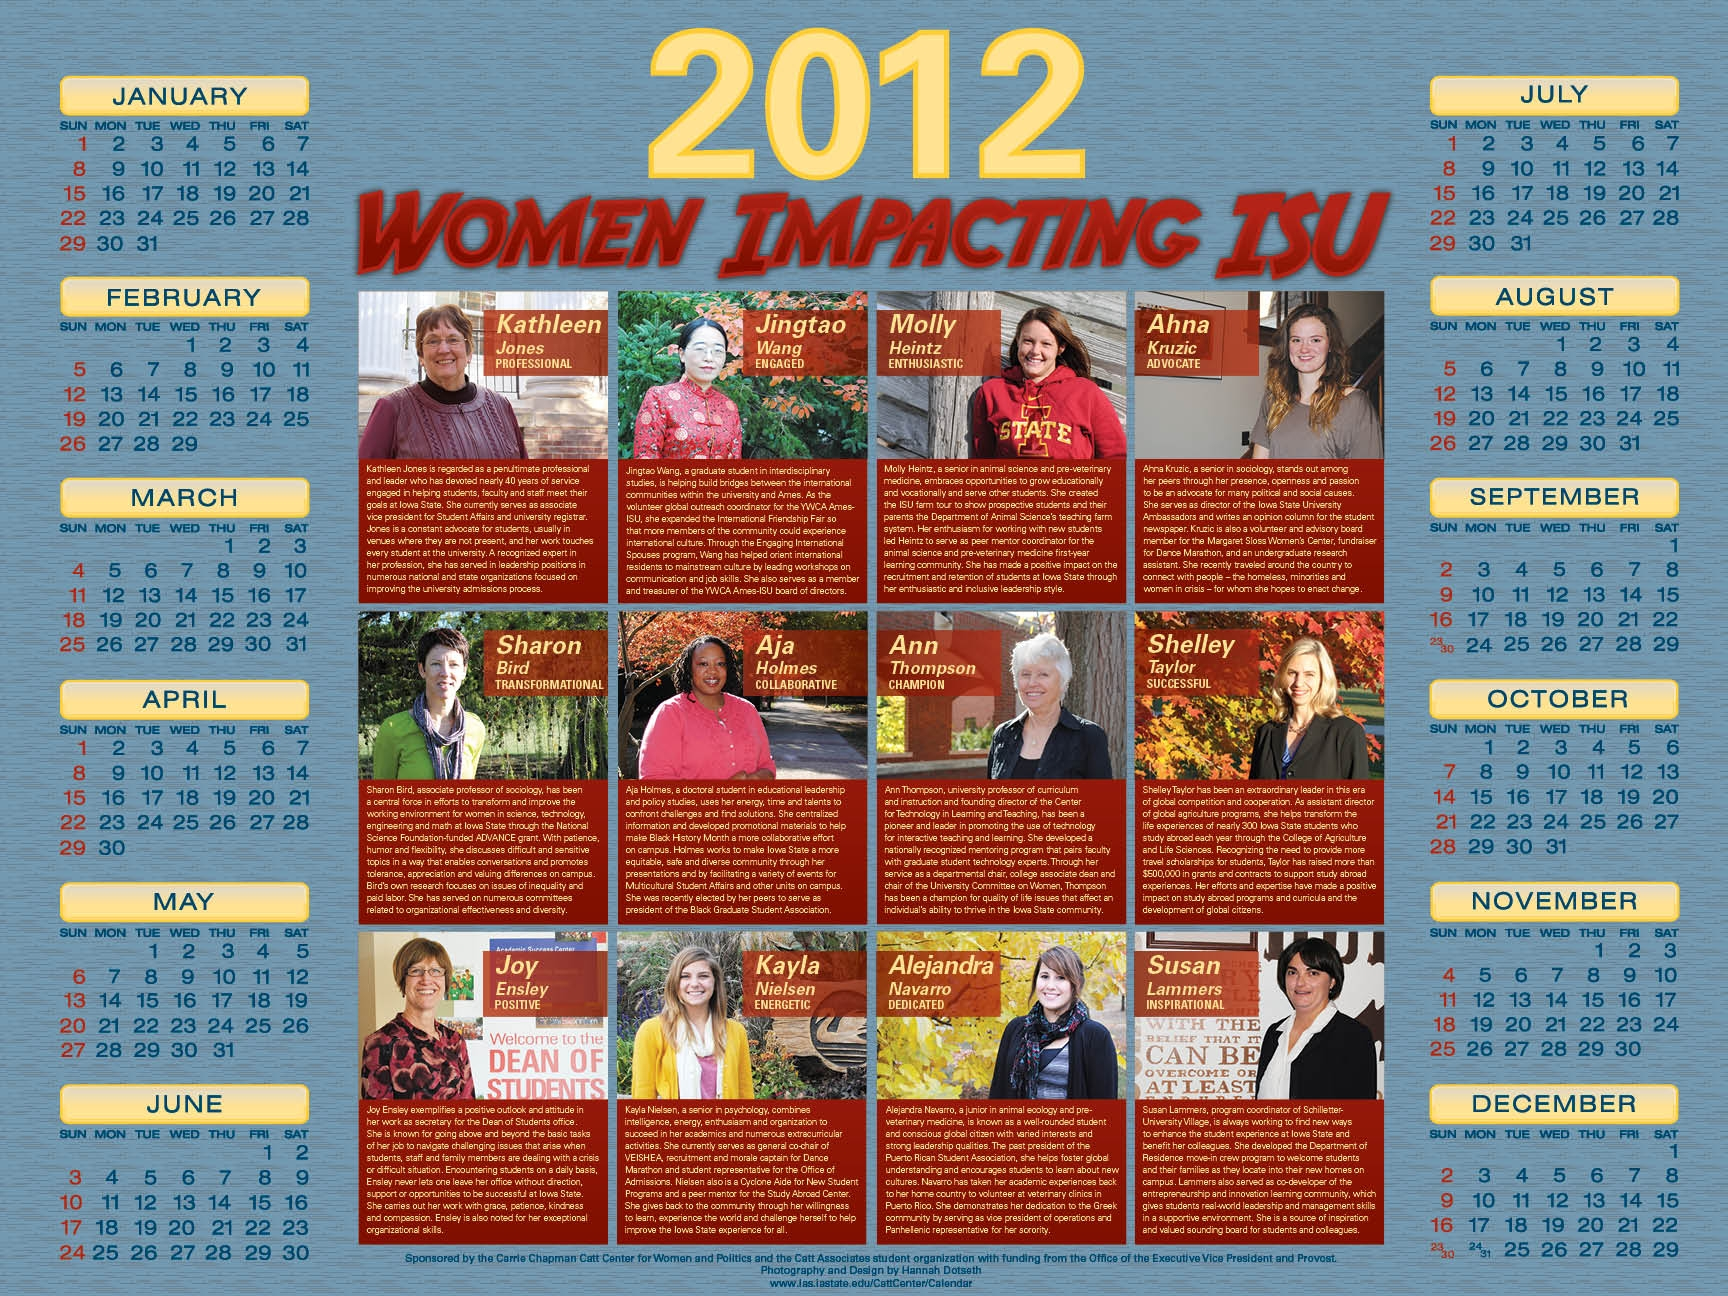 2012 Women Impacting ISU Calendar